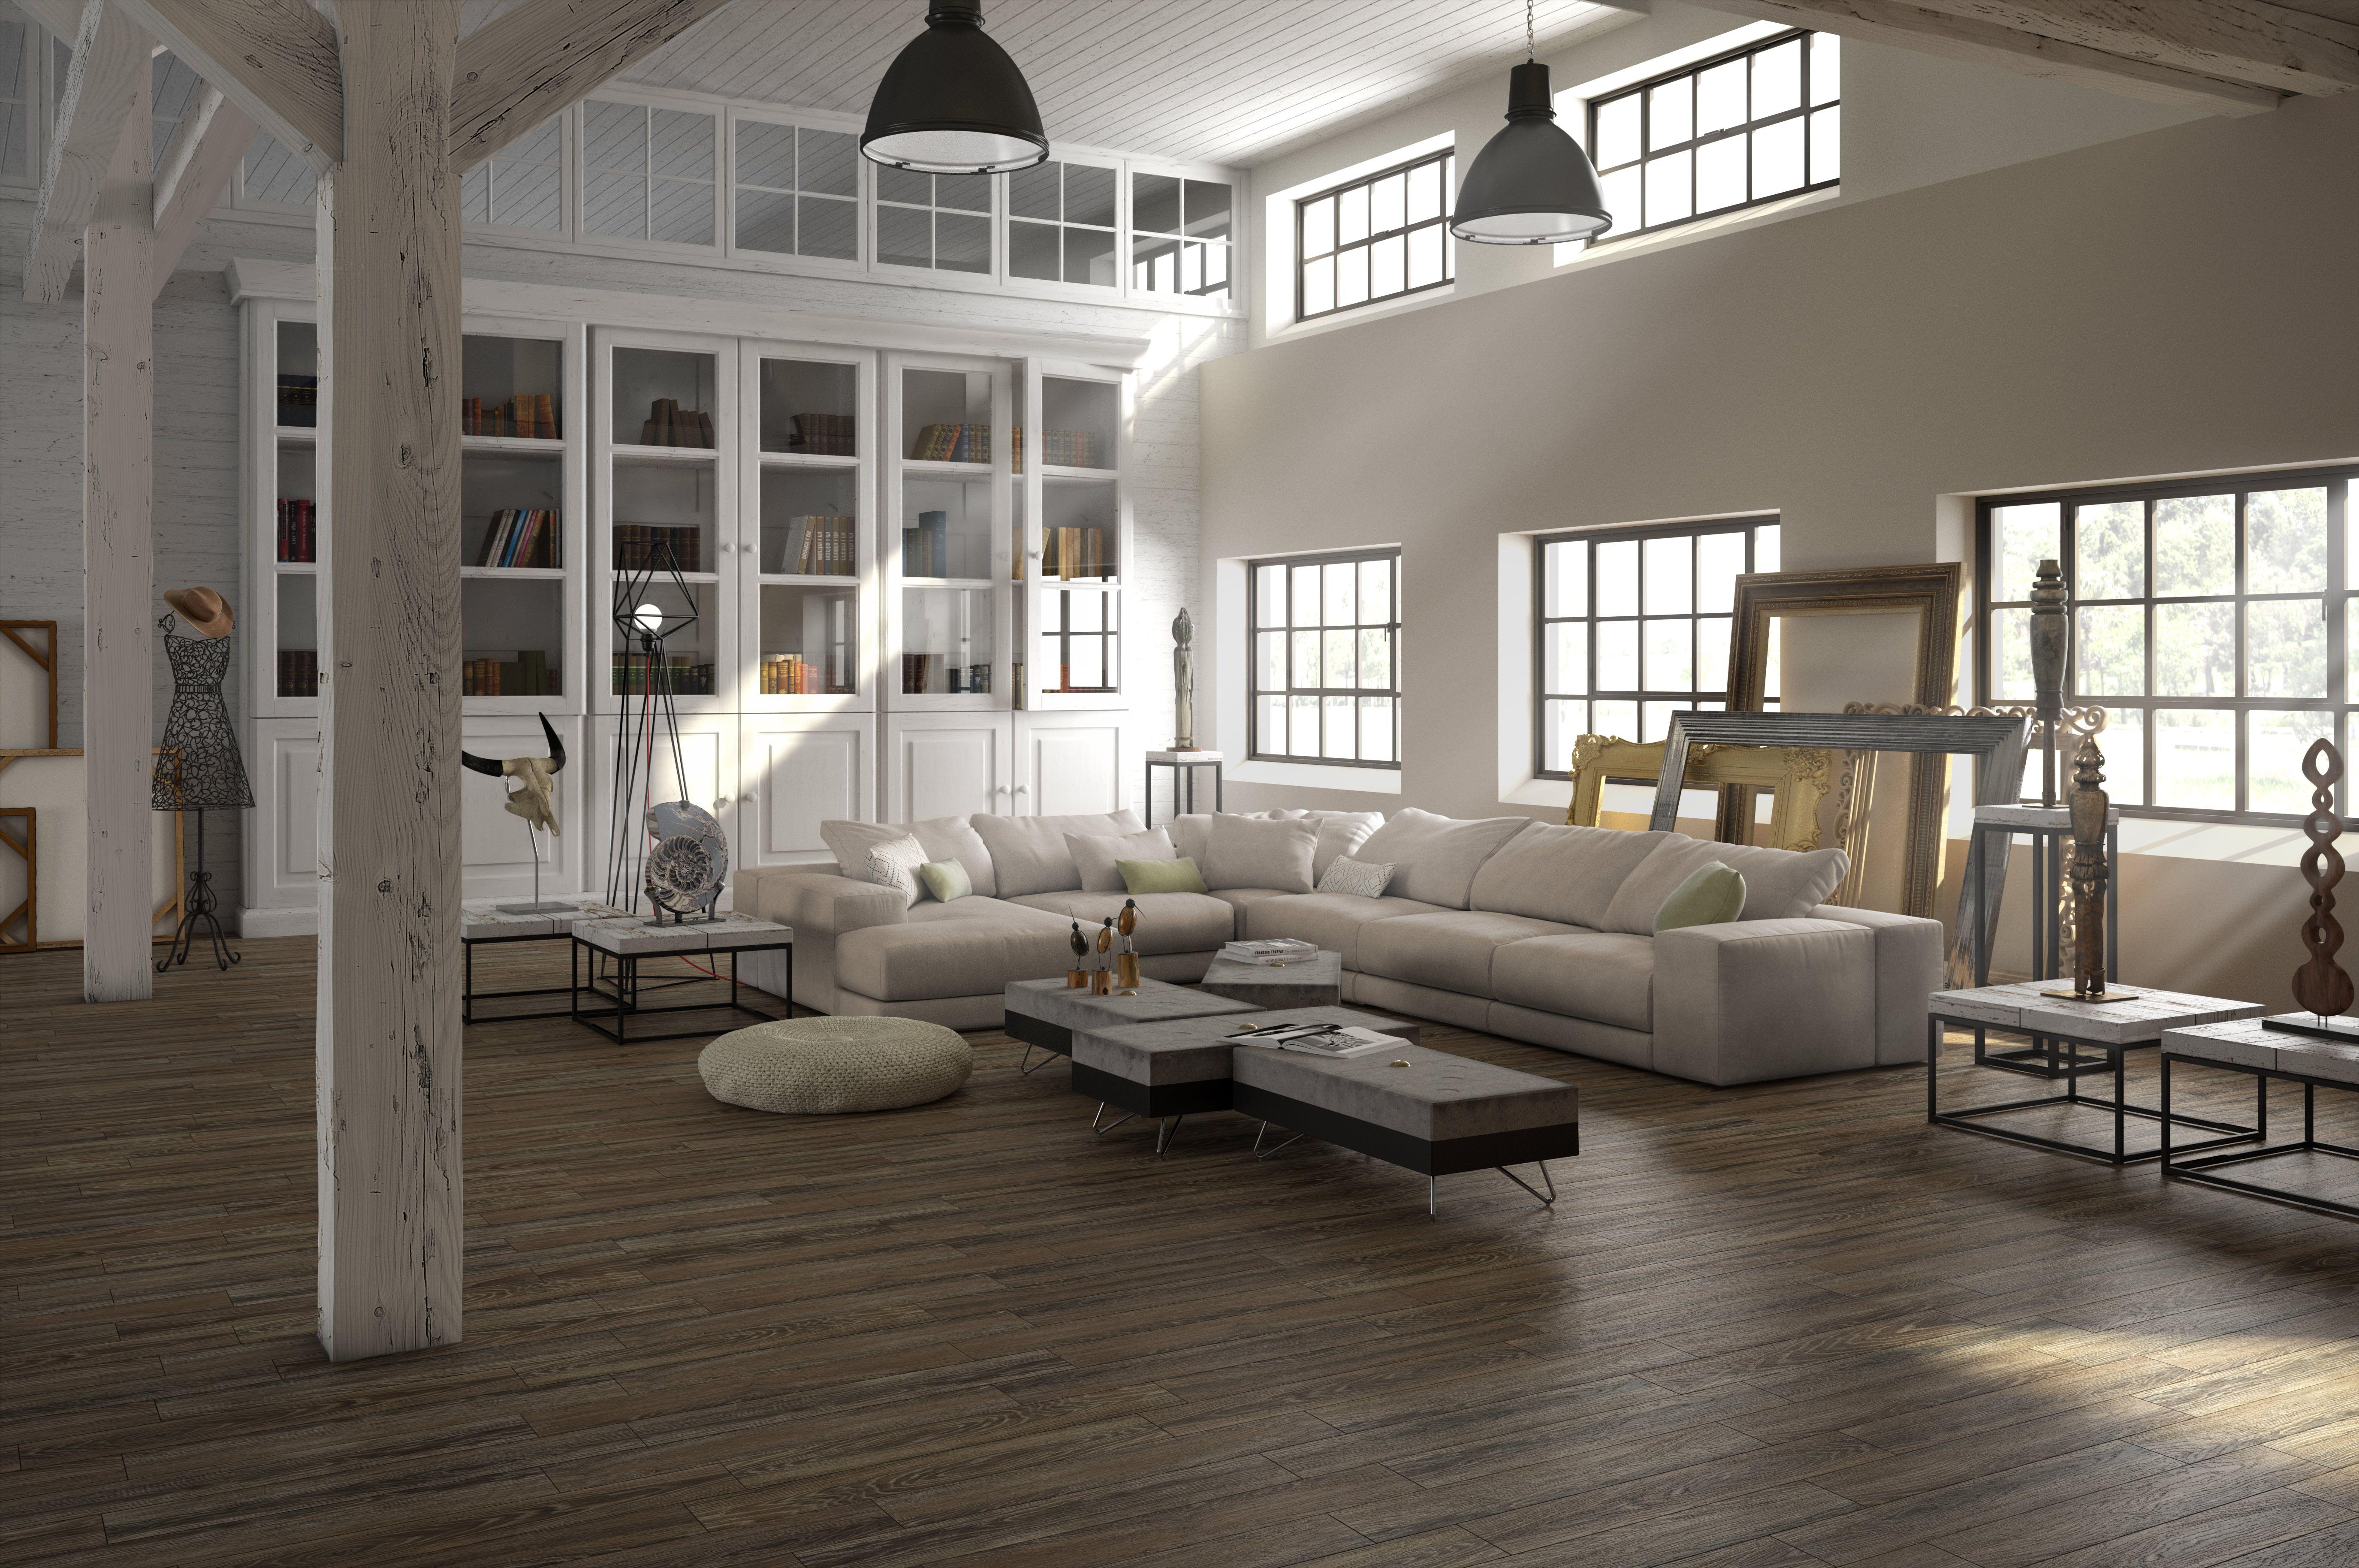 Sal n madera cer mica imitaci n de madera natural for Decoracion piso 65 m